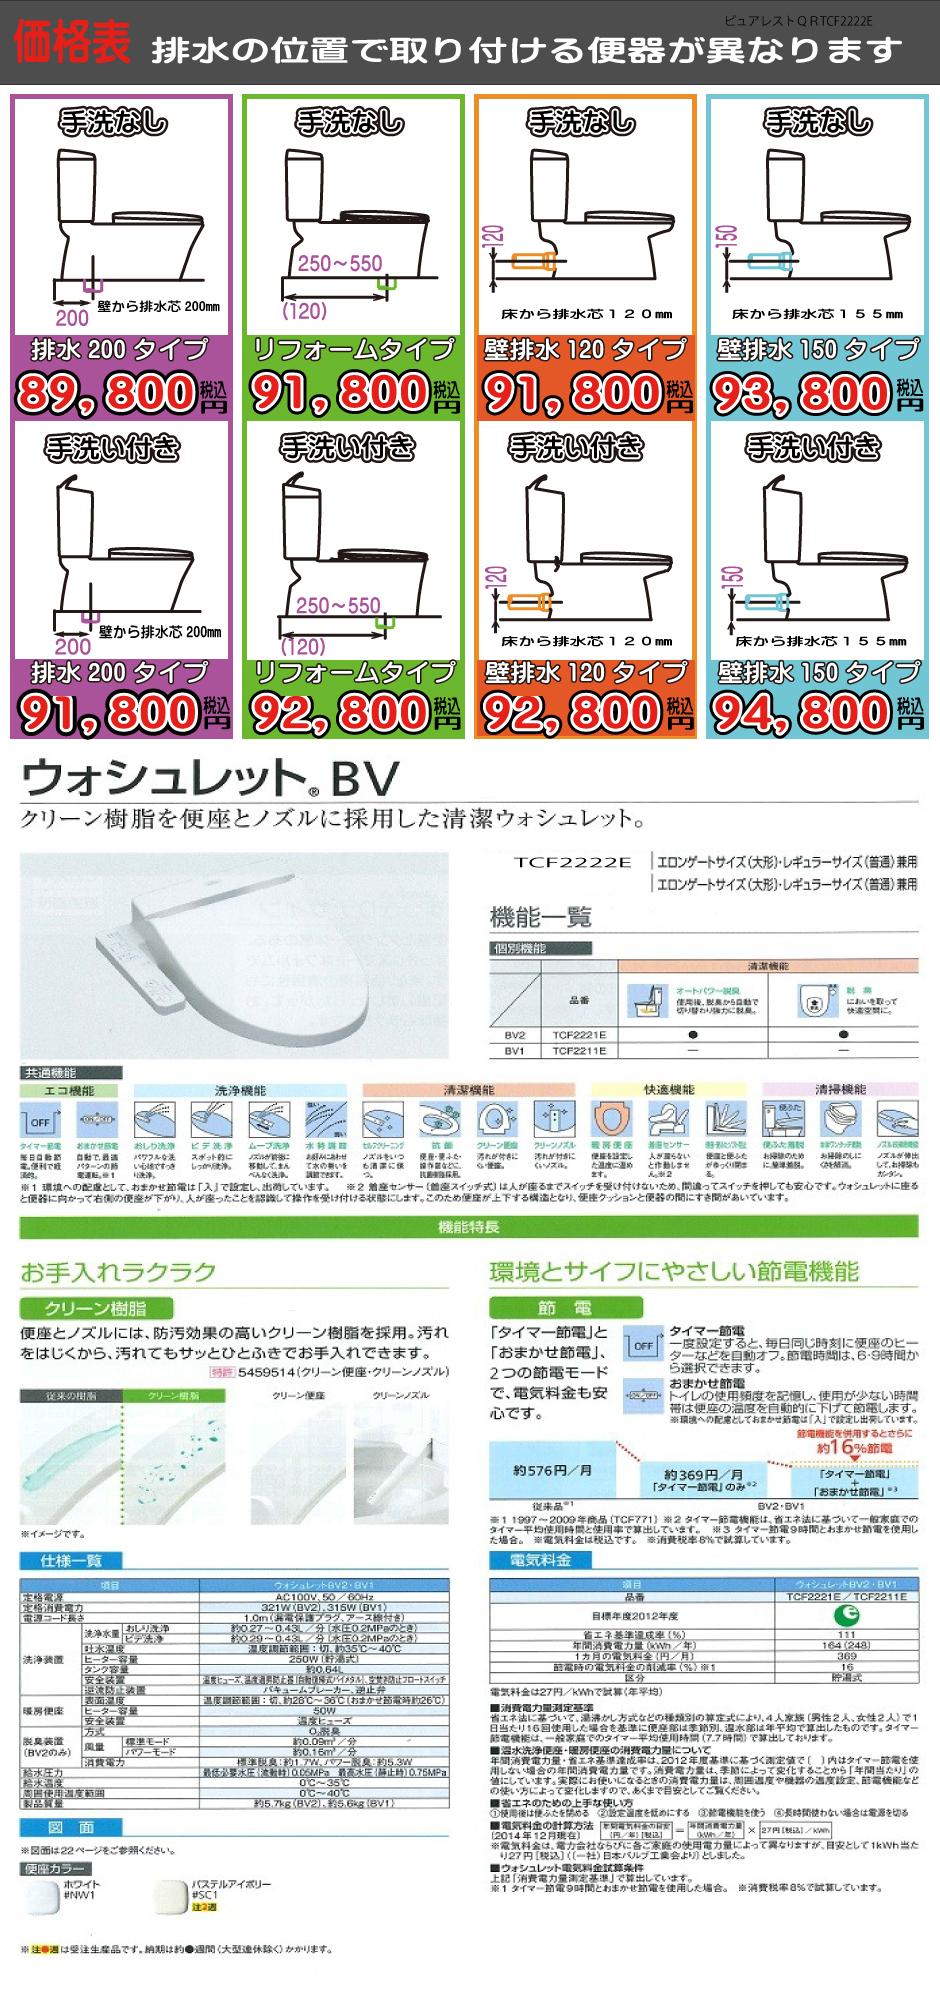 ピュアレストQR+ウオシュレットTCF2222E工事費込み価格表 説明画像